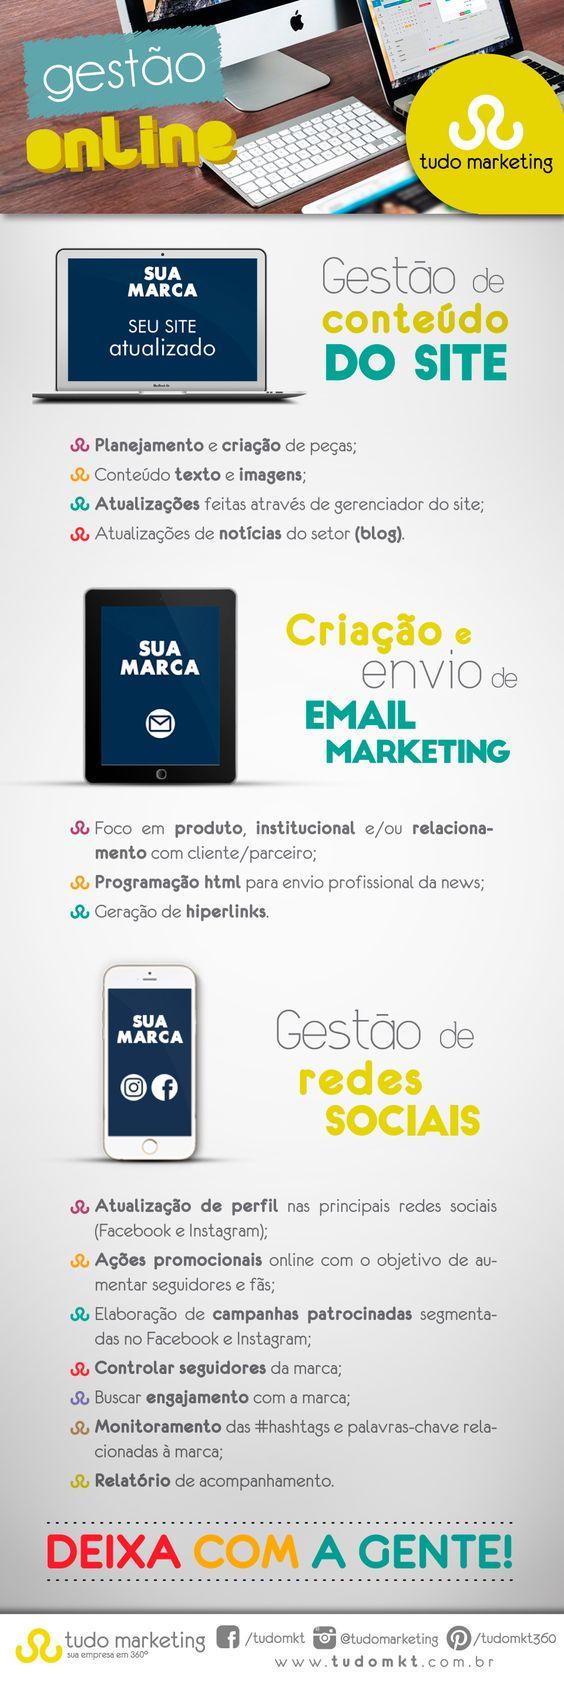 Deixa com a gente o gerenciamento online do seu negócio! #TudoMarketing #GestãoOnline #RedesSociais #Site #EmailMarketing #Marketing #Empresa360